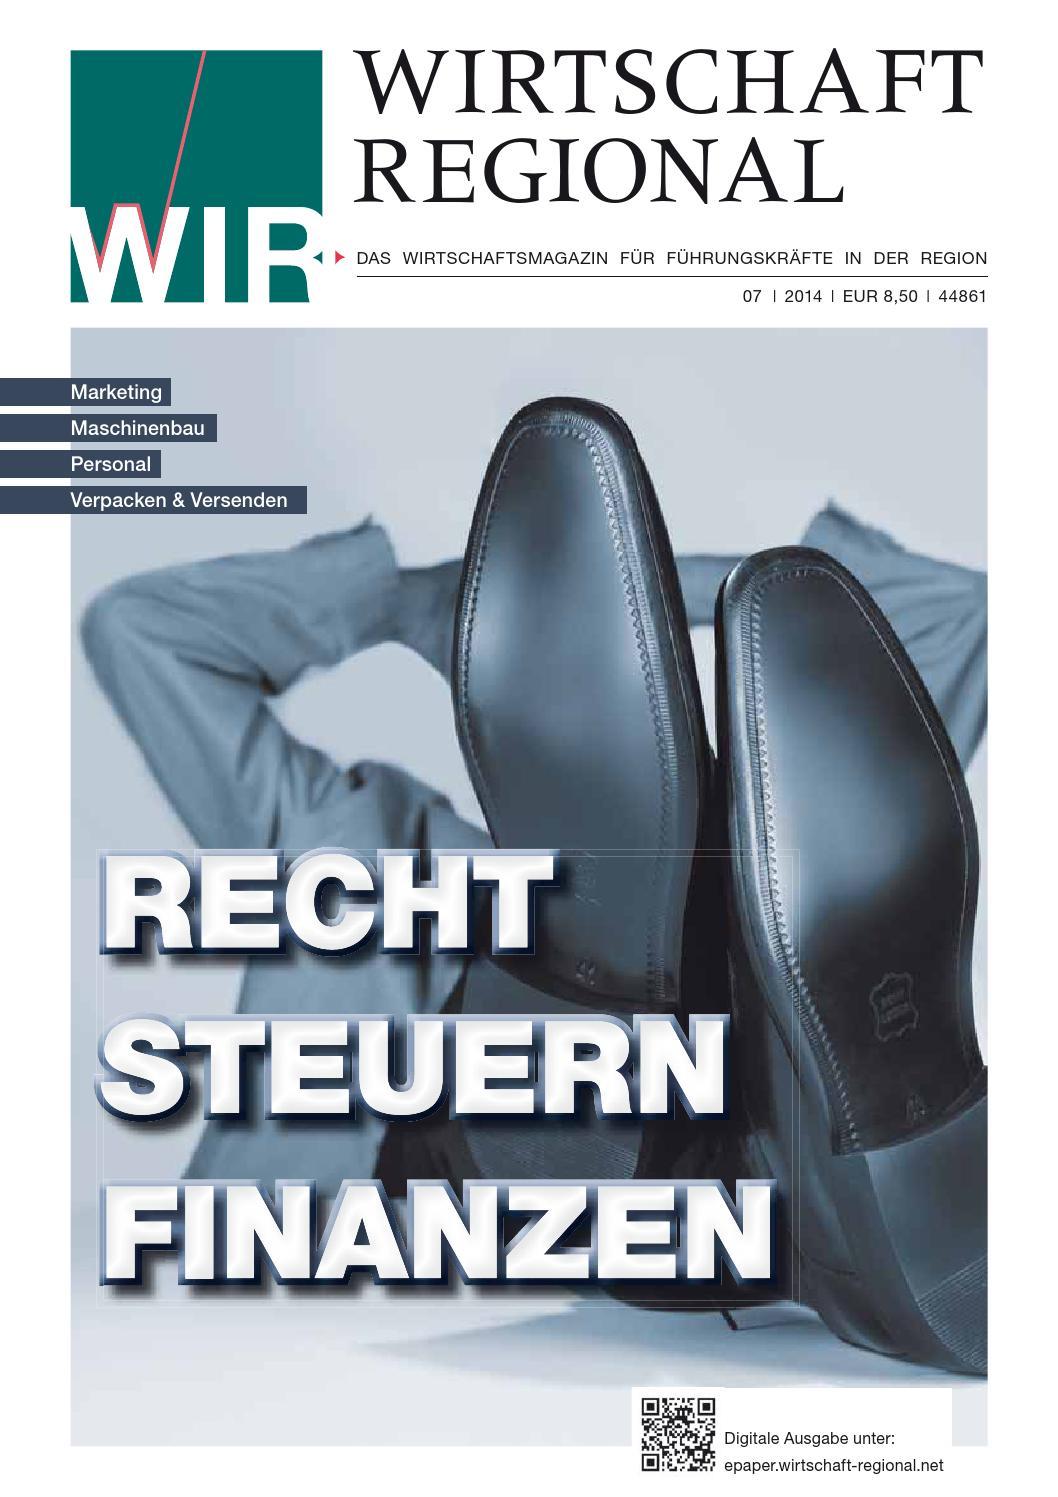 WIR   Wirtschaft Regional 07/2014 by Press Medien GmbH & Co. KG - issuu